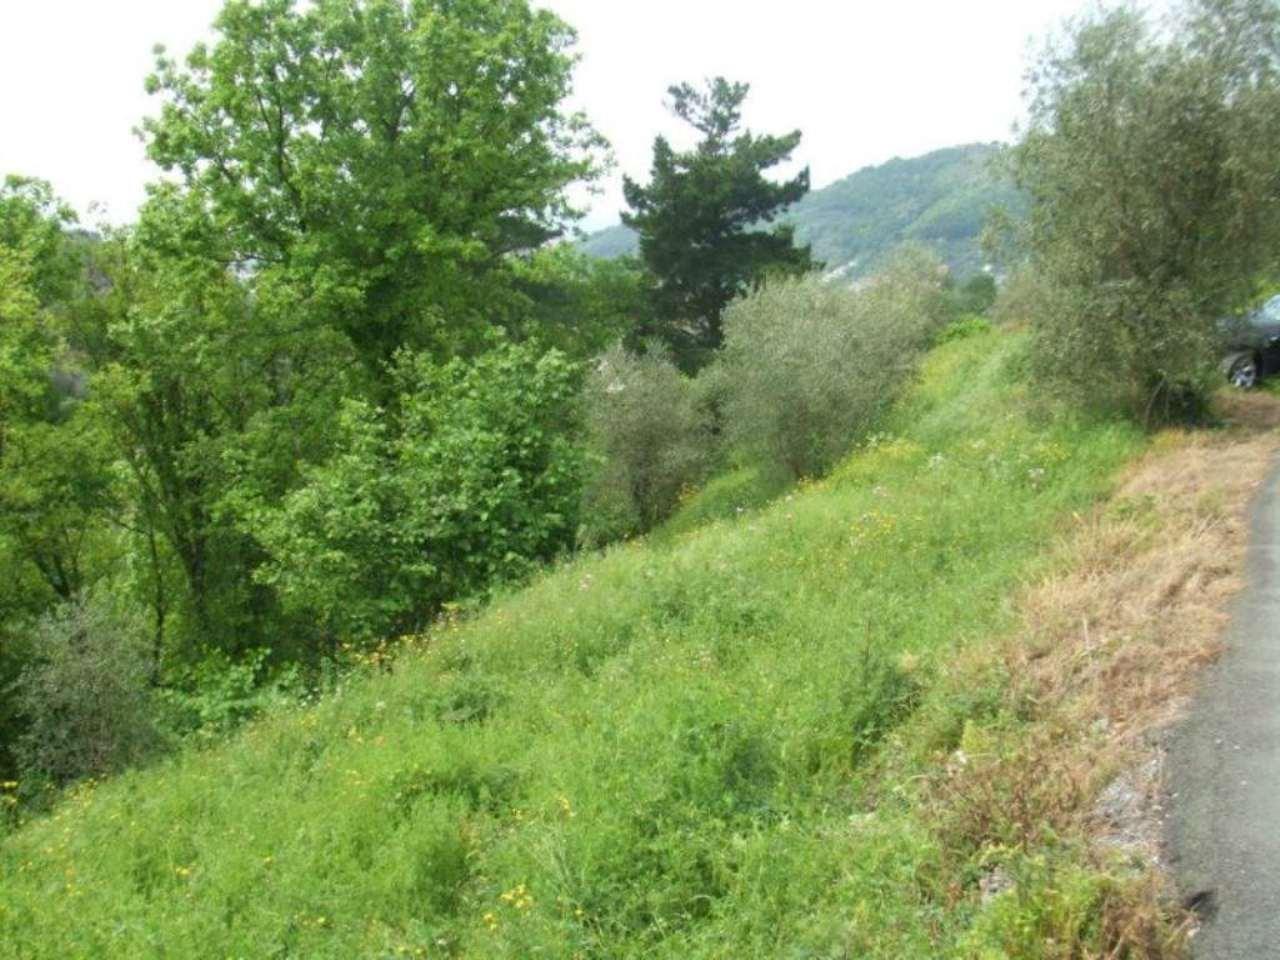 Terreno Edificabile Residenziale in vendita a Cogorno, 9999 locali, prezzo € 185.000 | CambioCasa.it